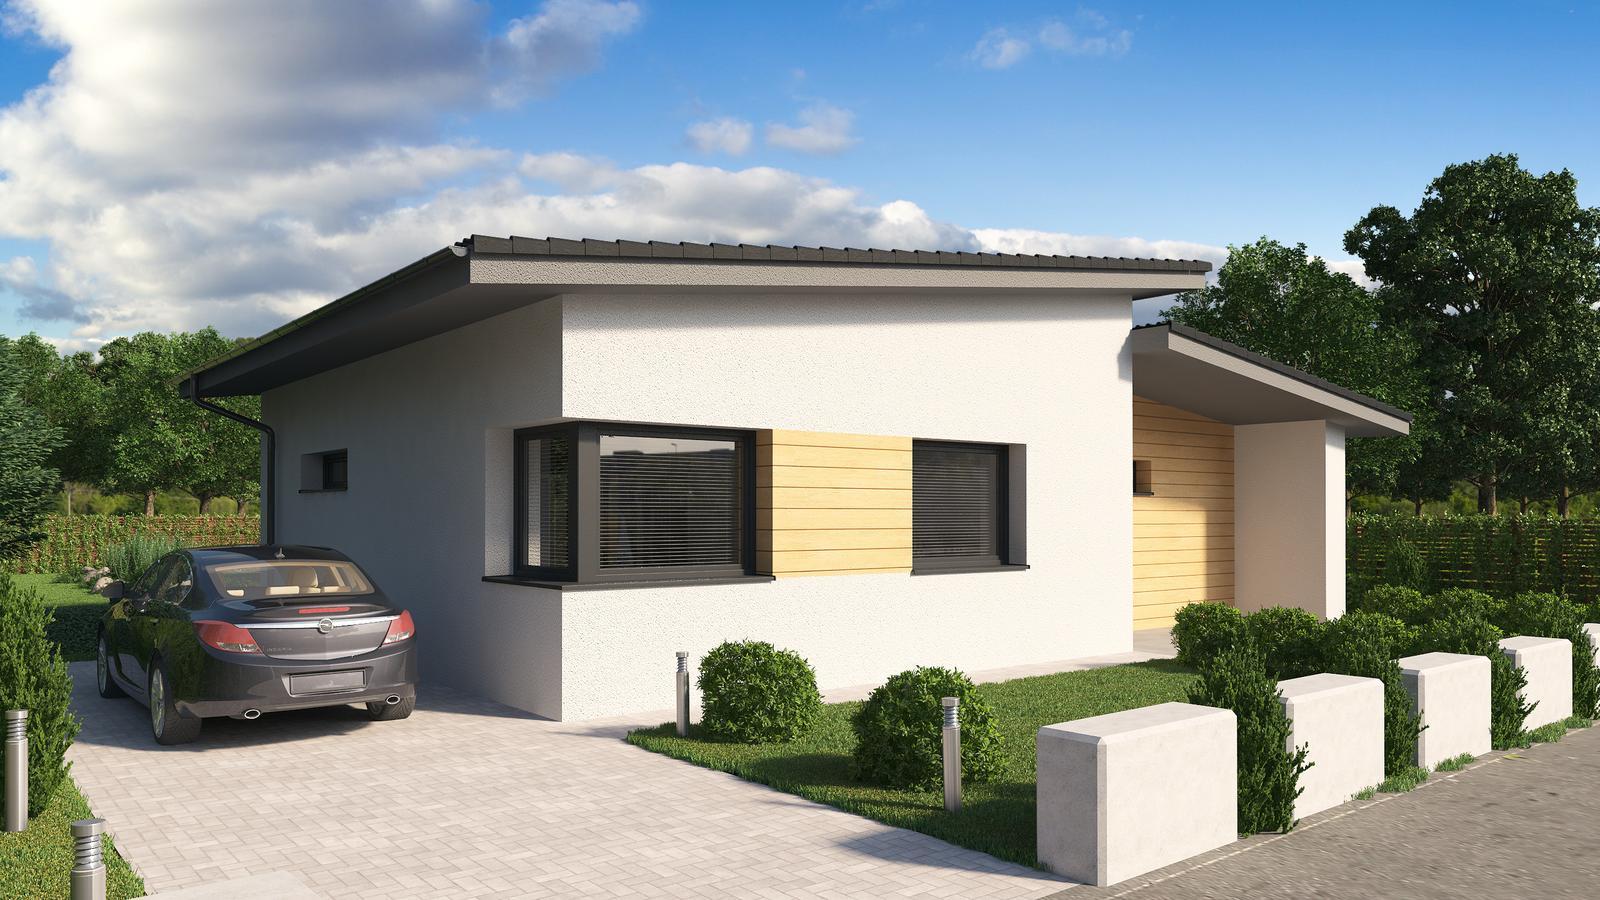 Ďalšie ukážky návrhov domčekov pre Vás - www.rodinny-dom.eu - Obrázok č. 14